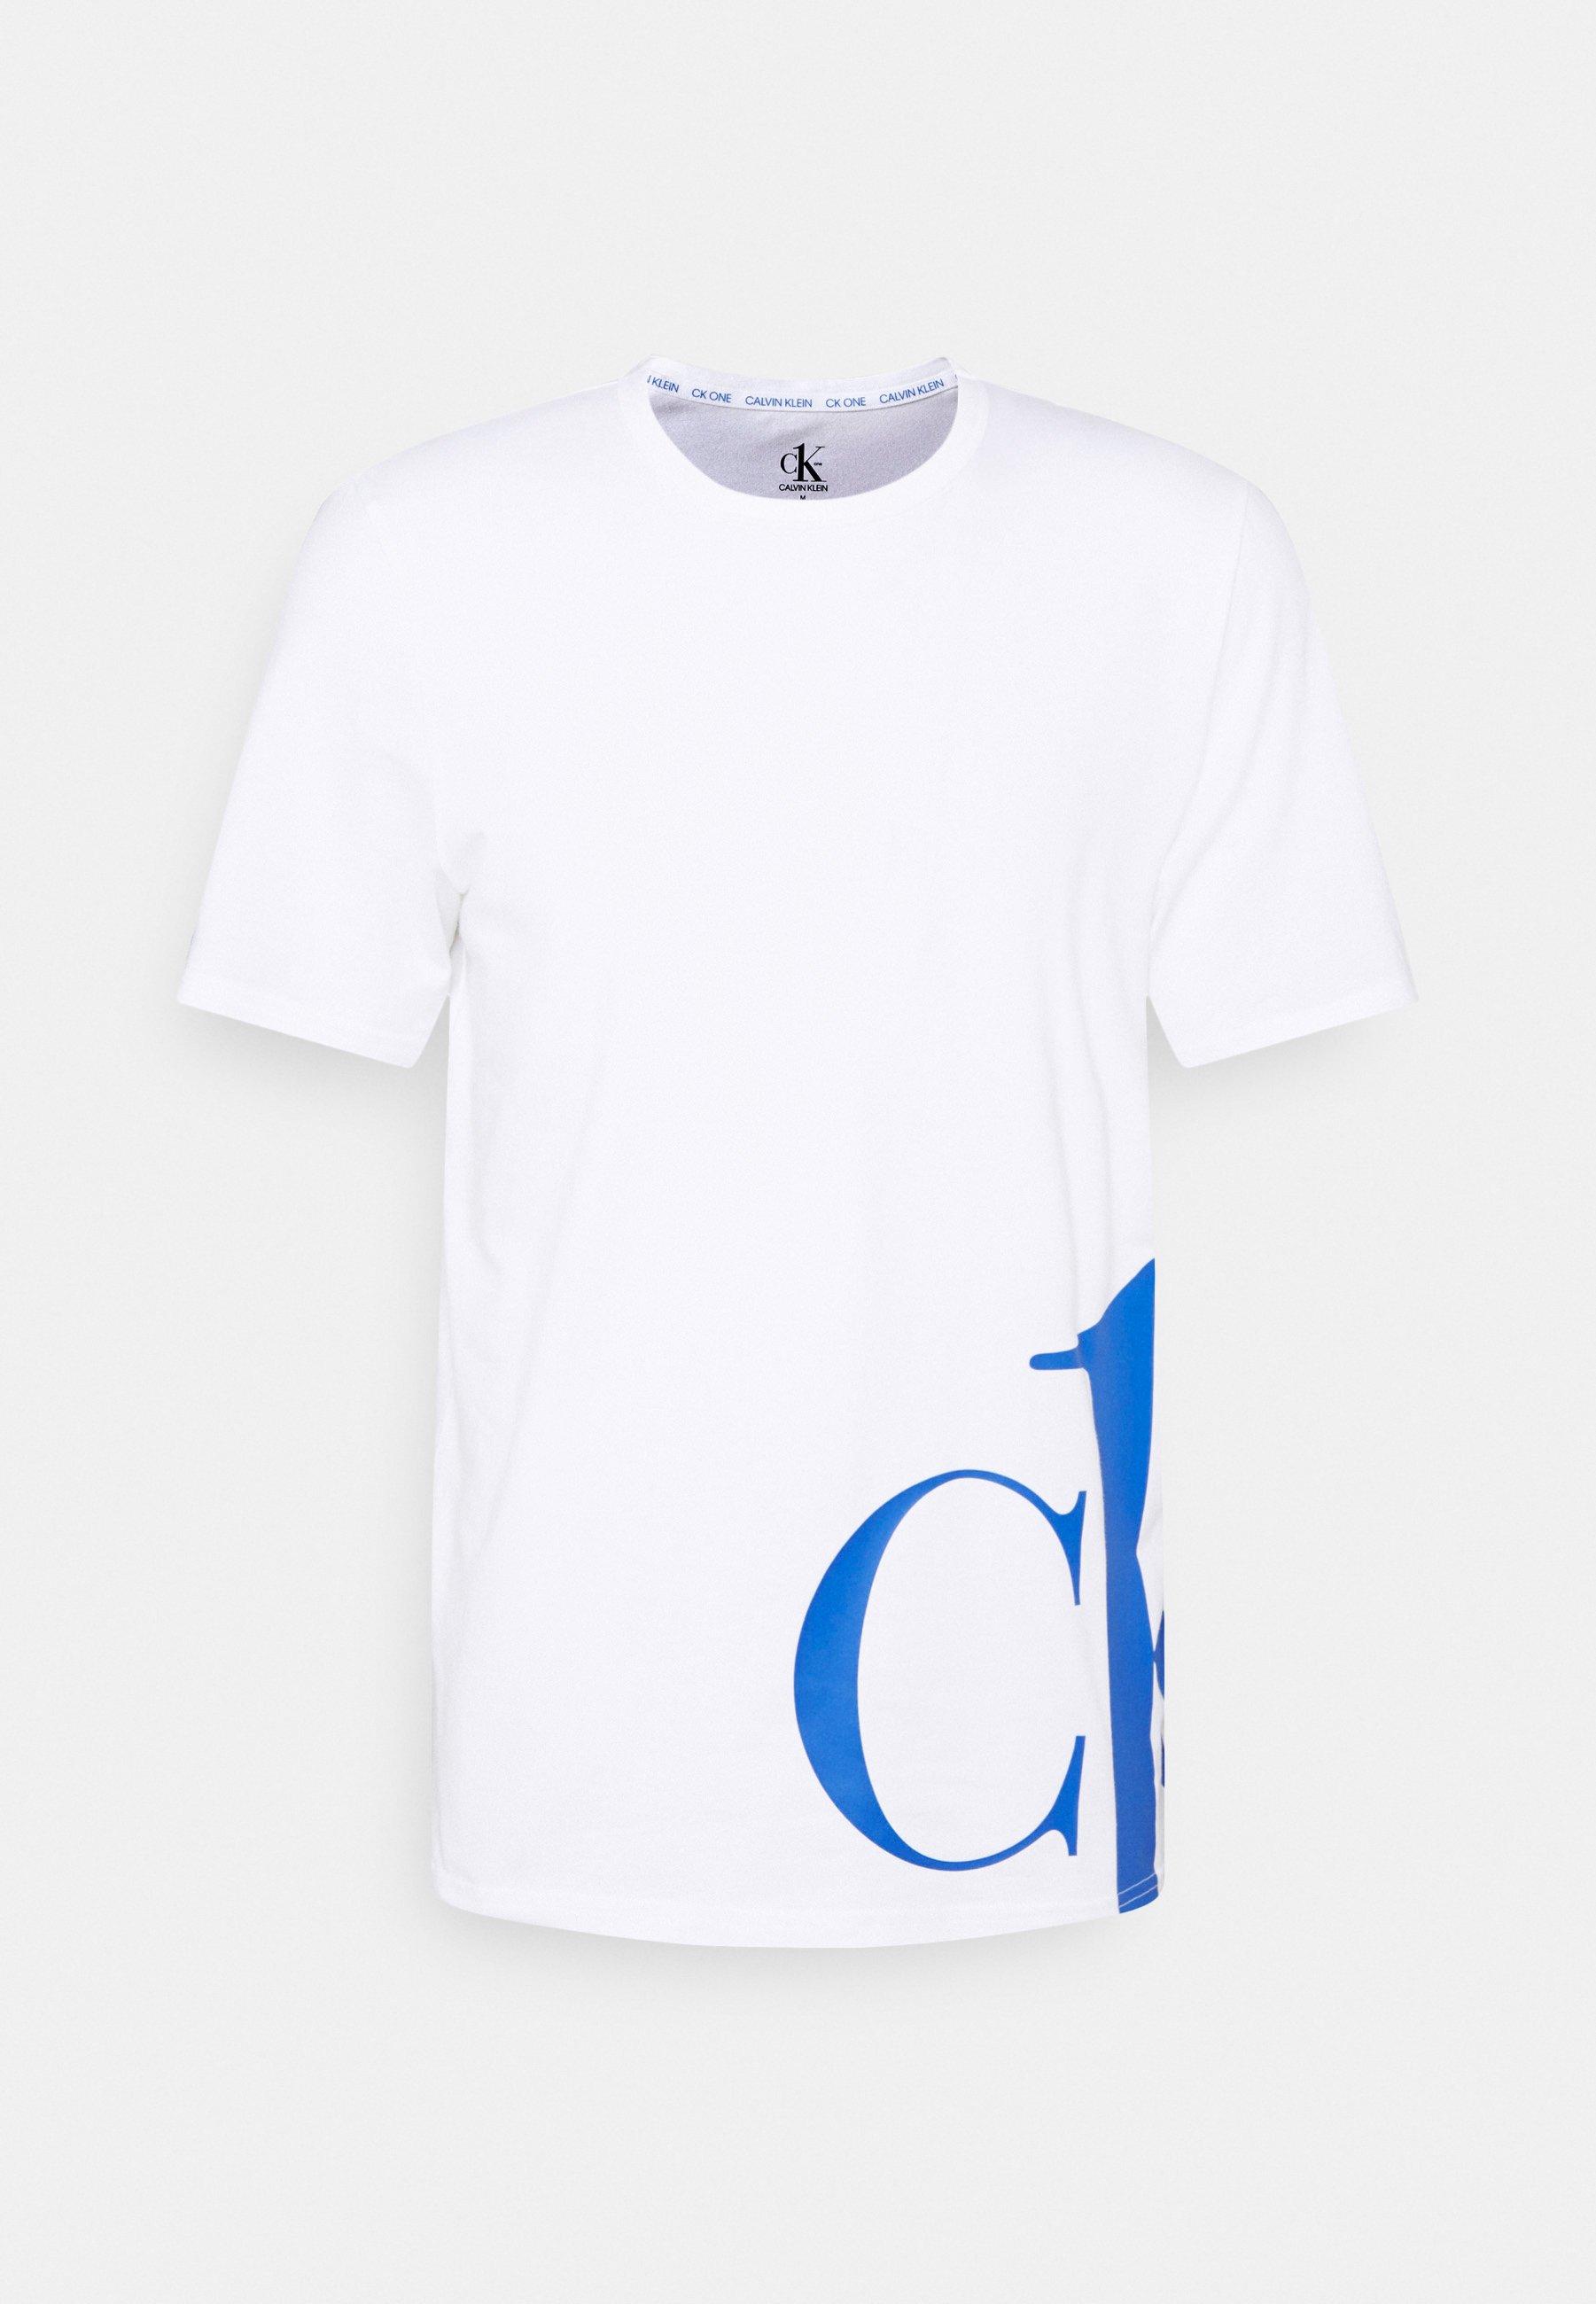 Herren CREW NECK - Nachtwäsche Shirt - white/blue